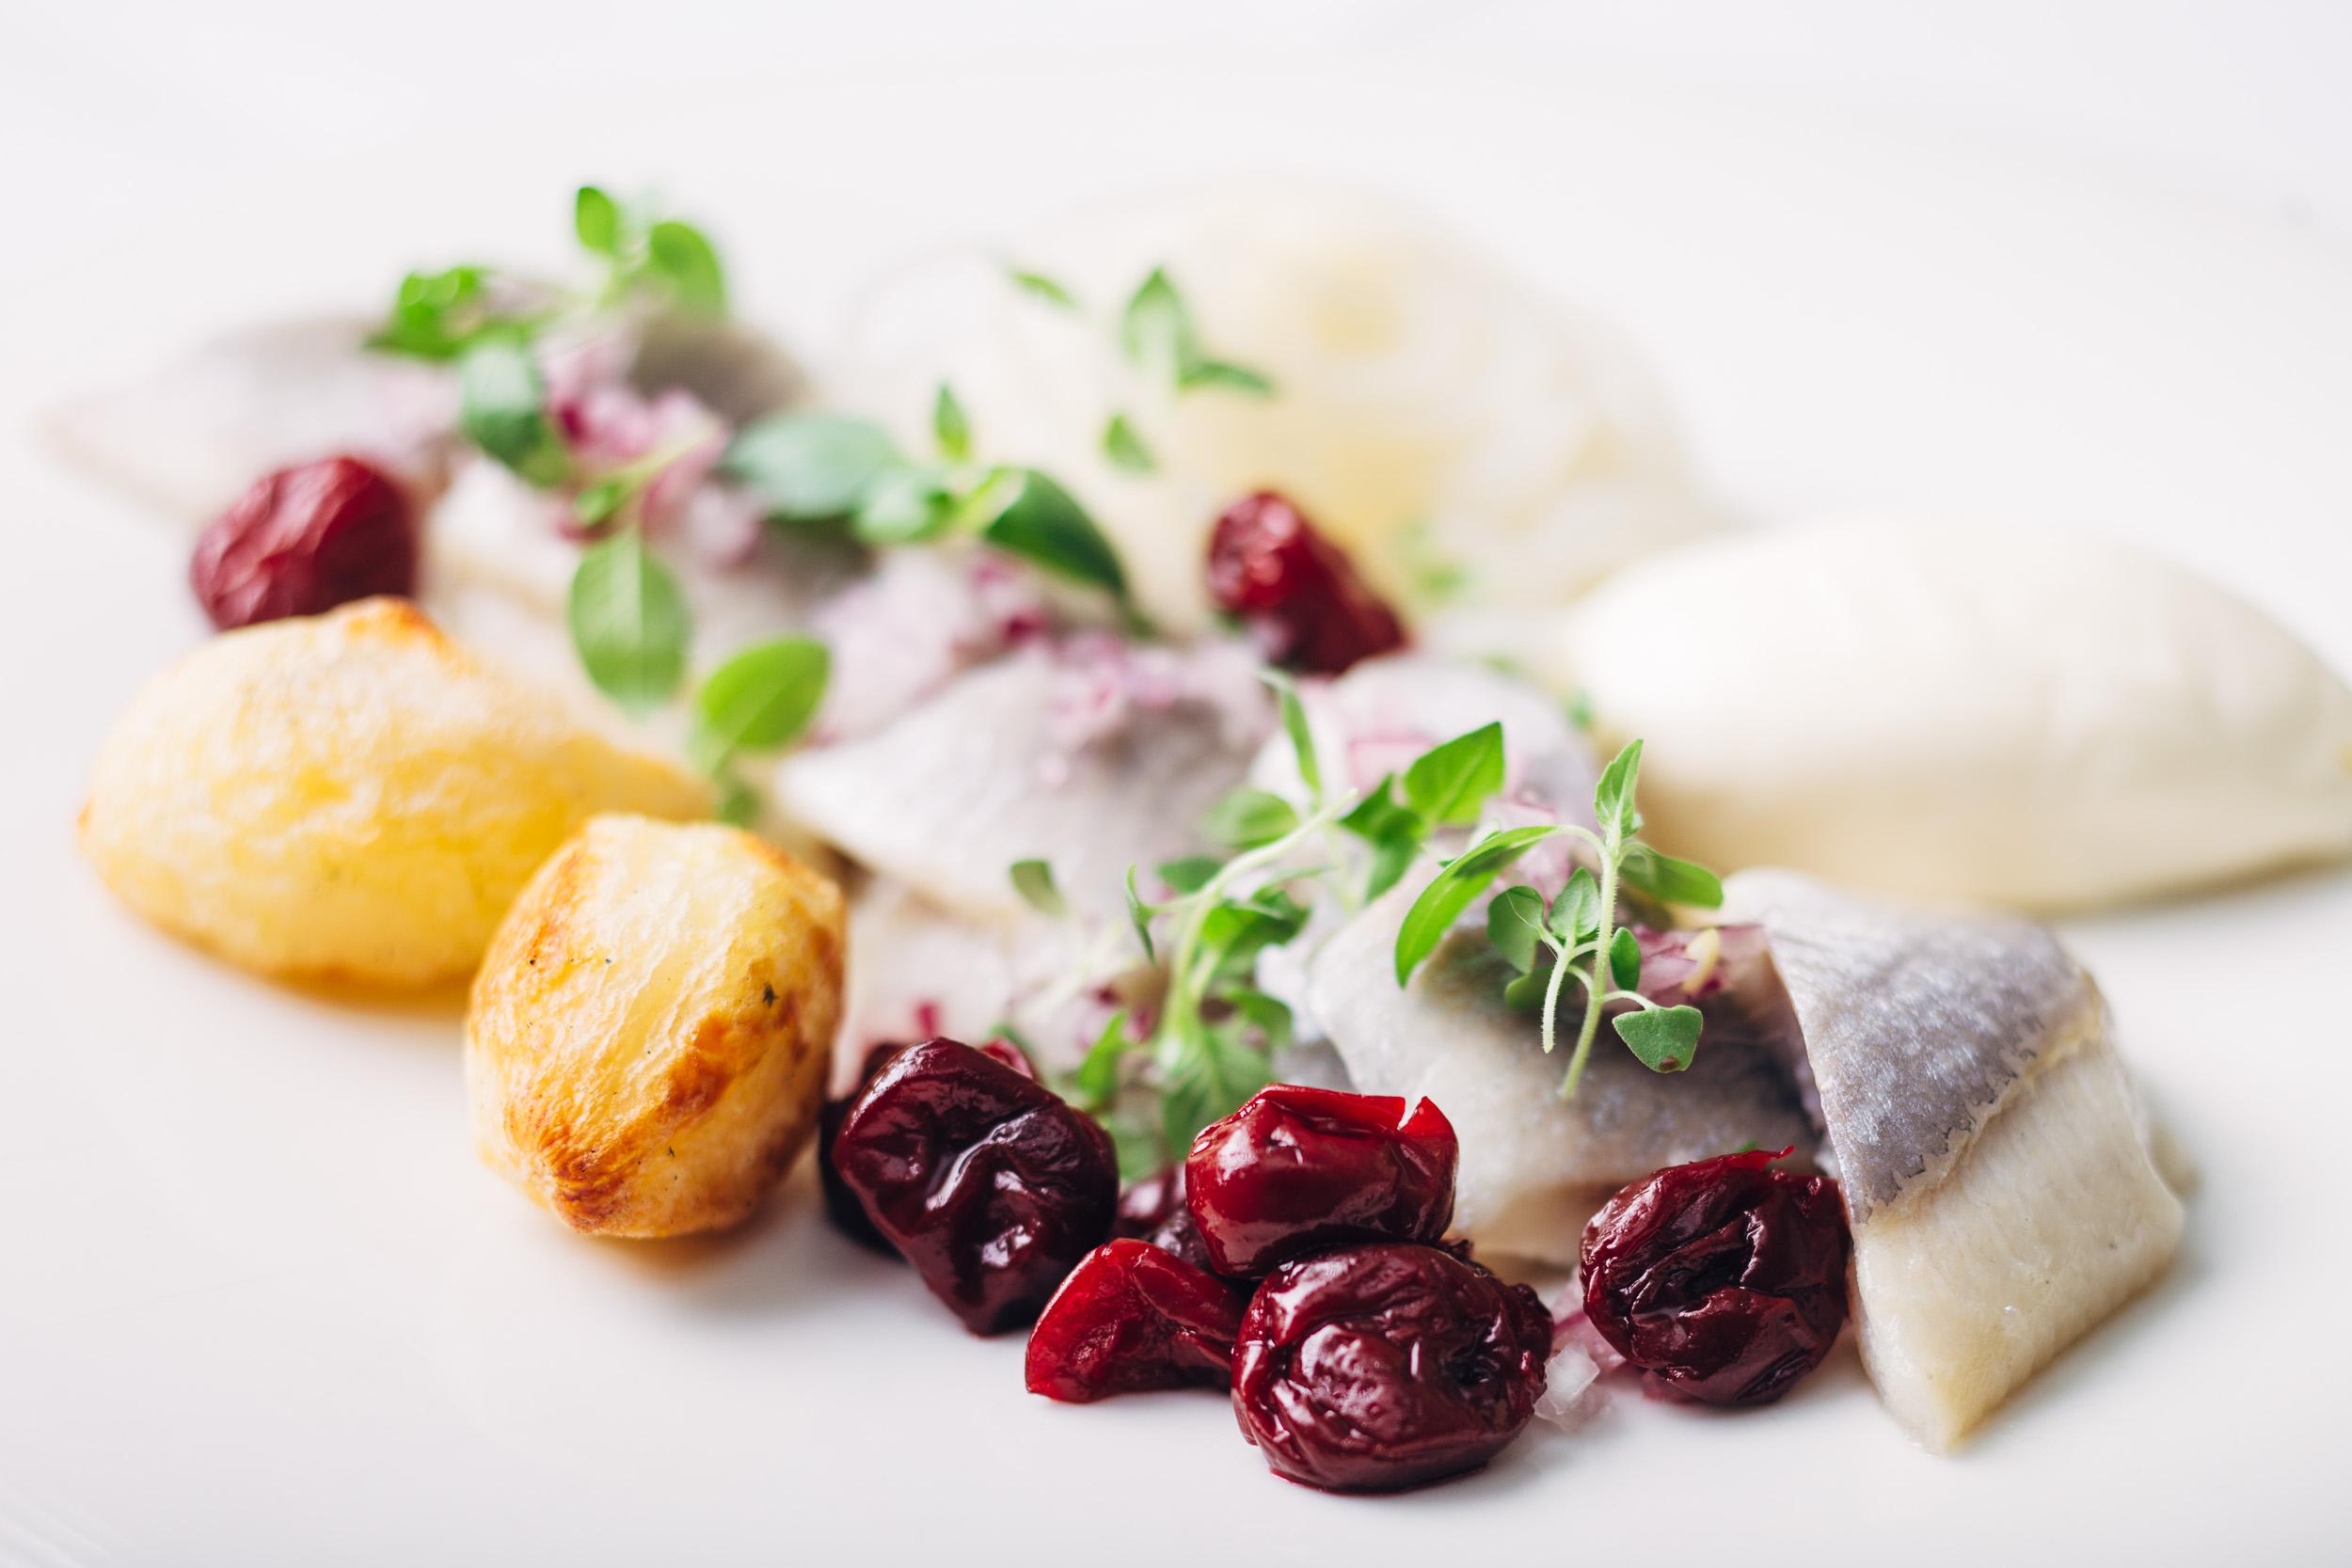 Najlepsza restauracja w Warszawie, dobra restauracja w Warszawie, restauracja w Warszawie, najlepsza restauracja w Warszawie, restauracja na Mokotowie, Restauracja Akademia